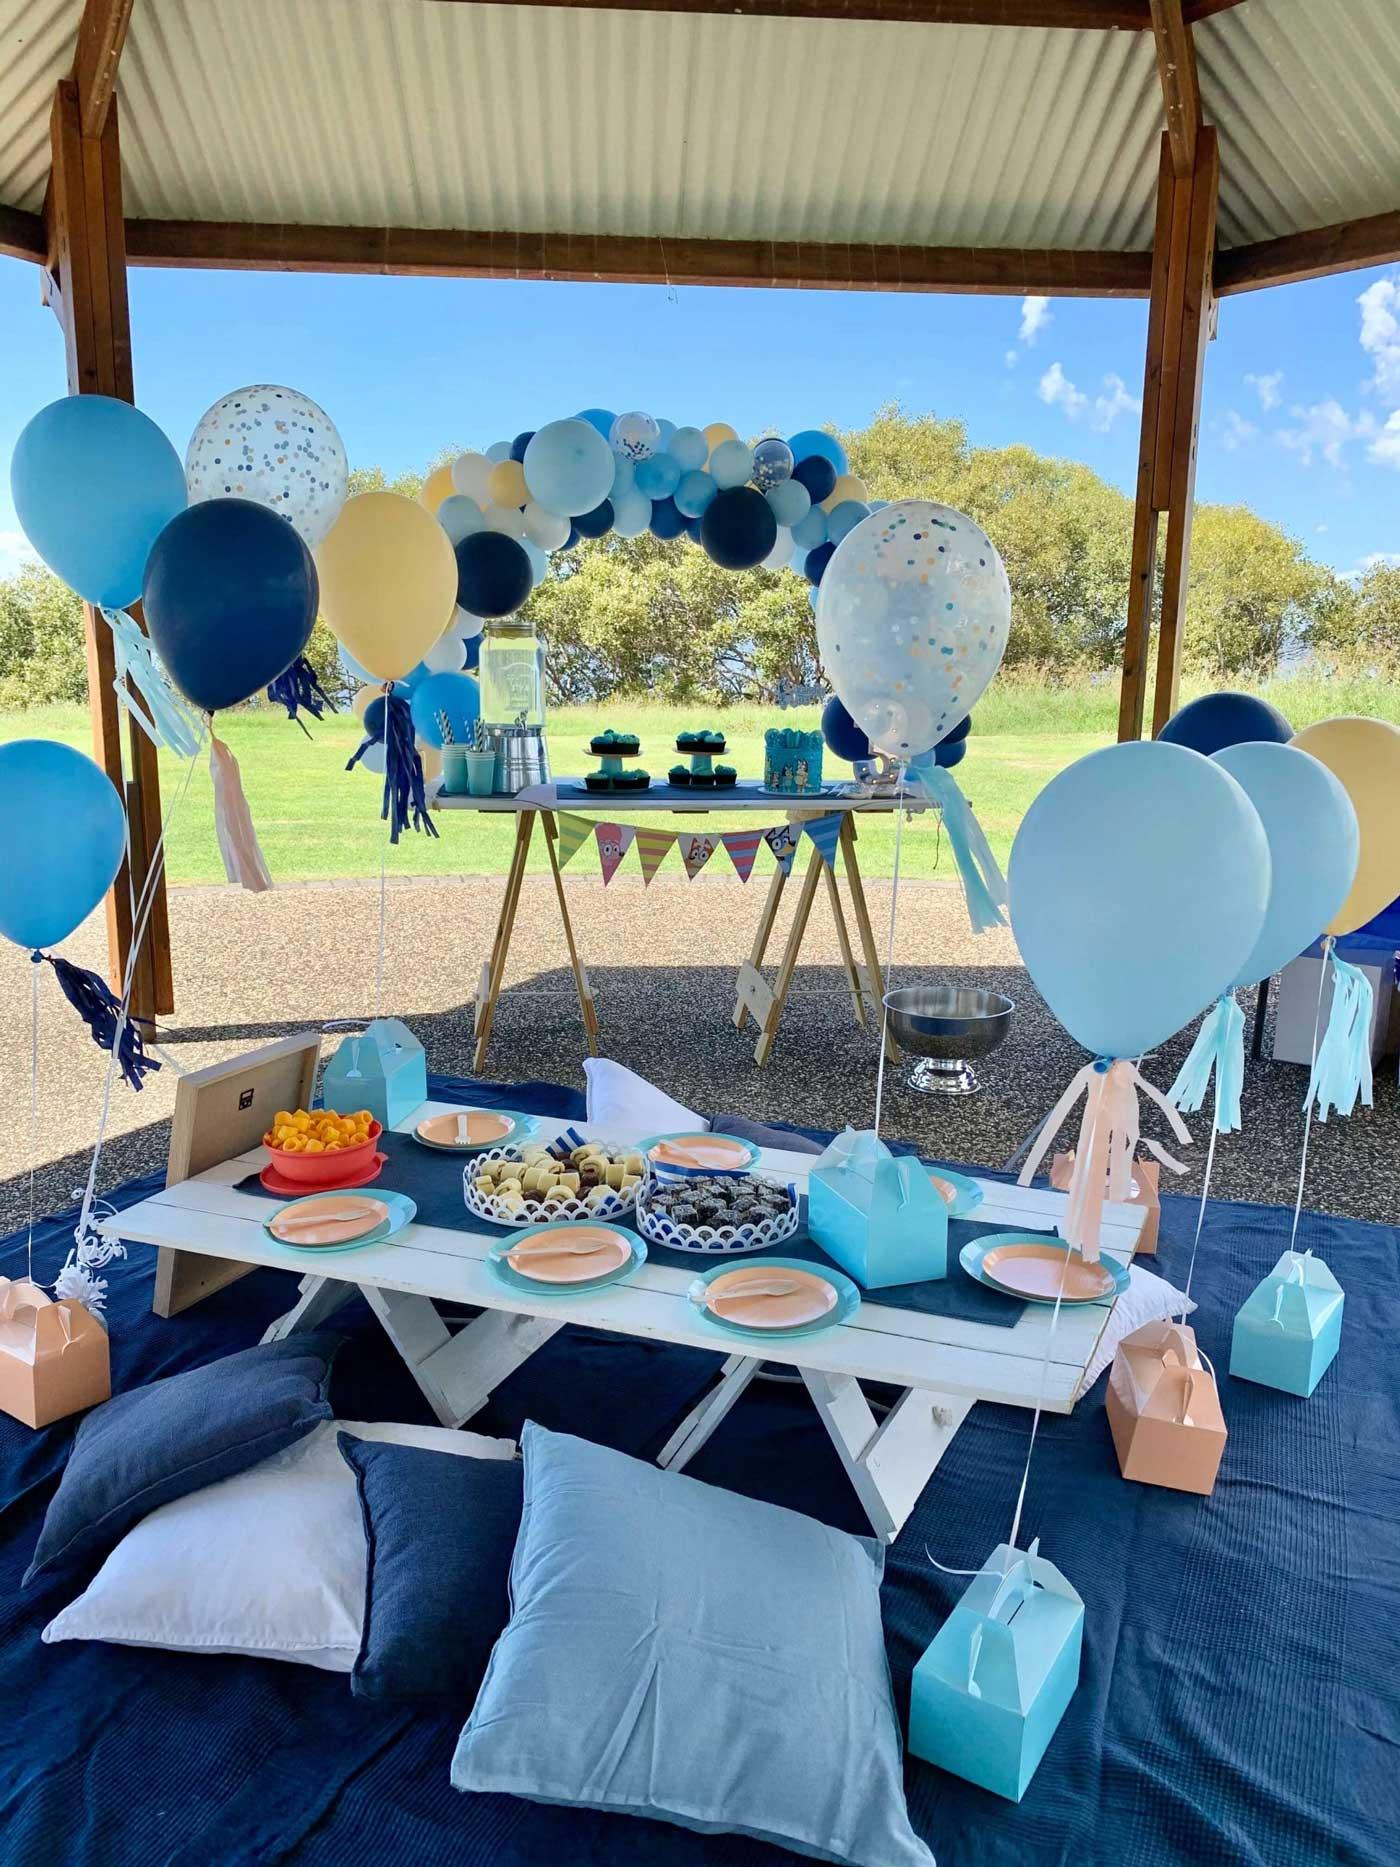 Bluey Picnic Set Up Brisbane